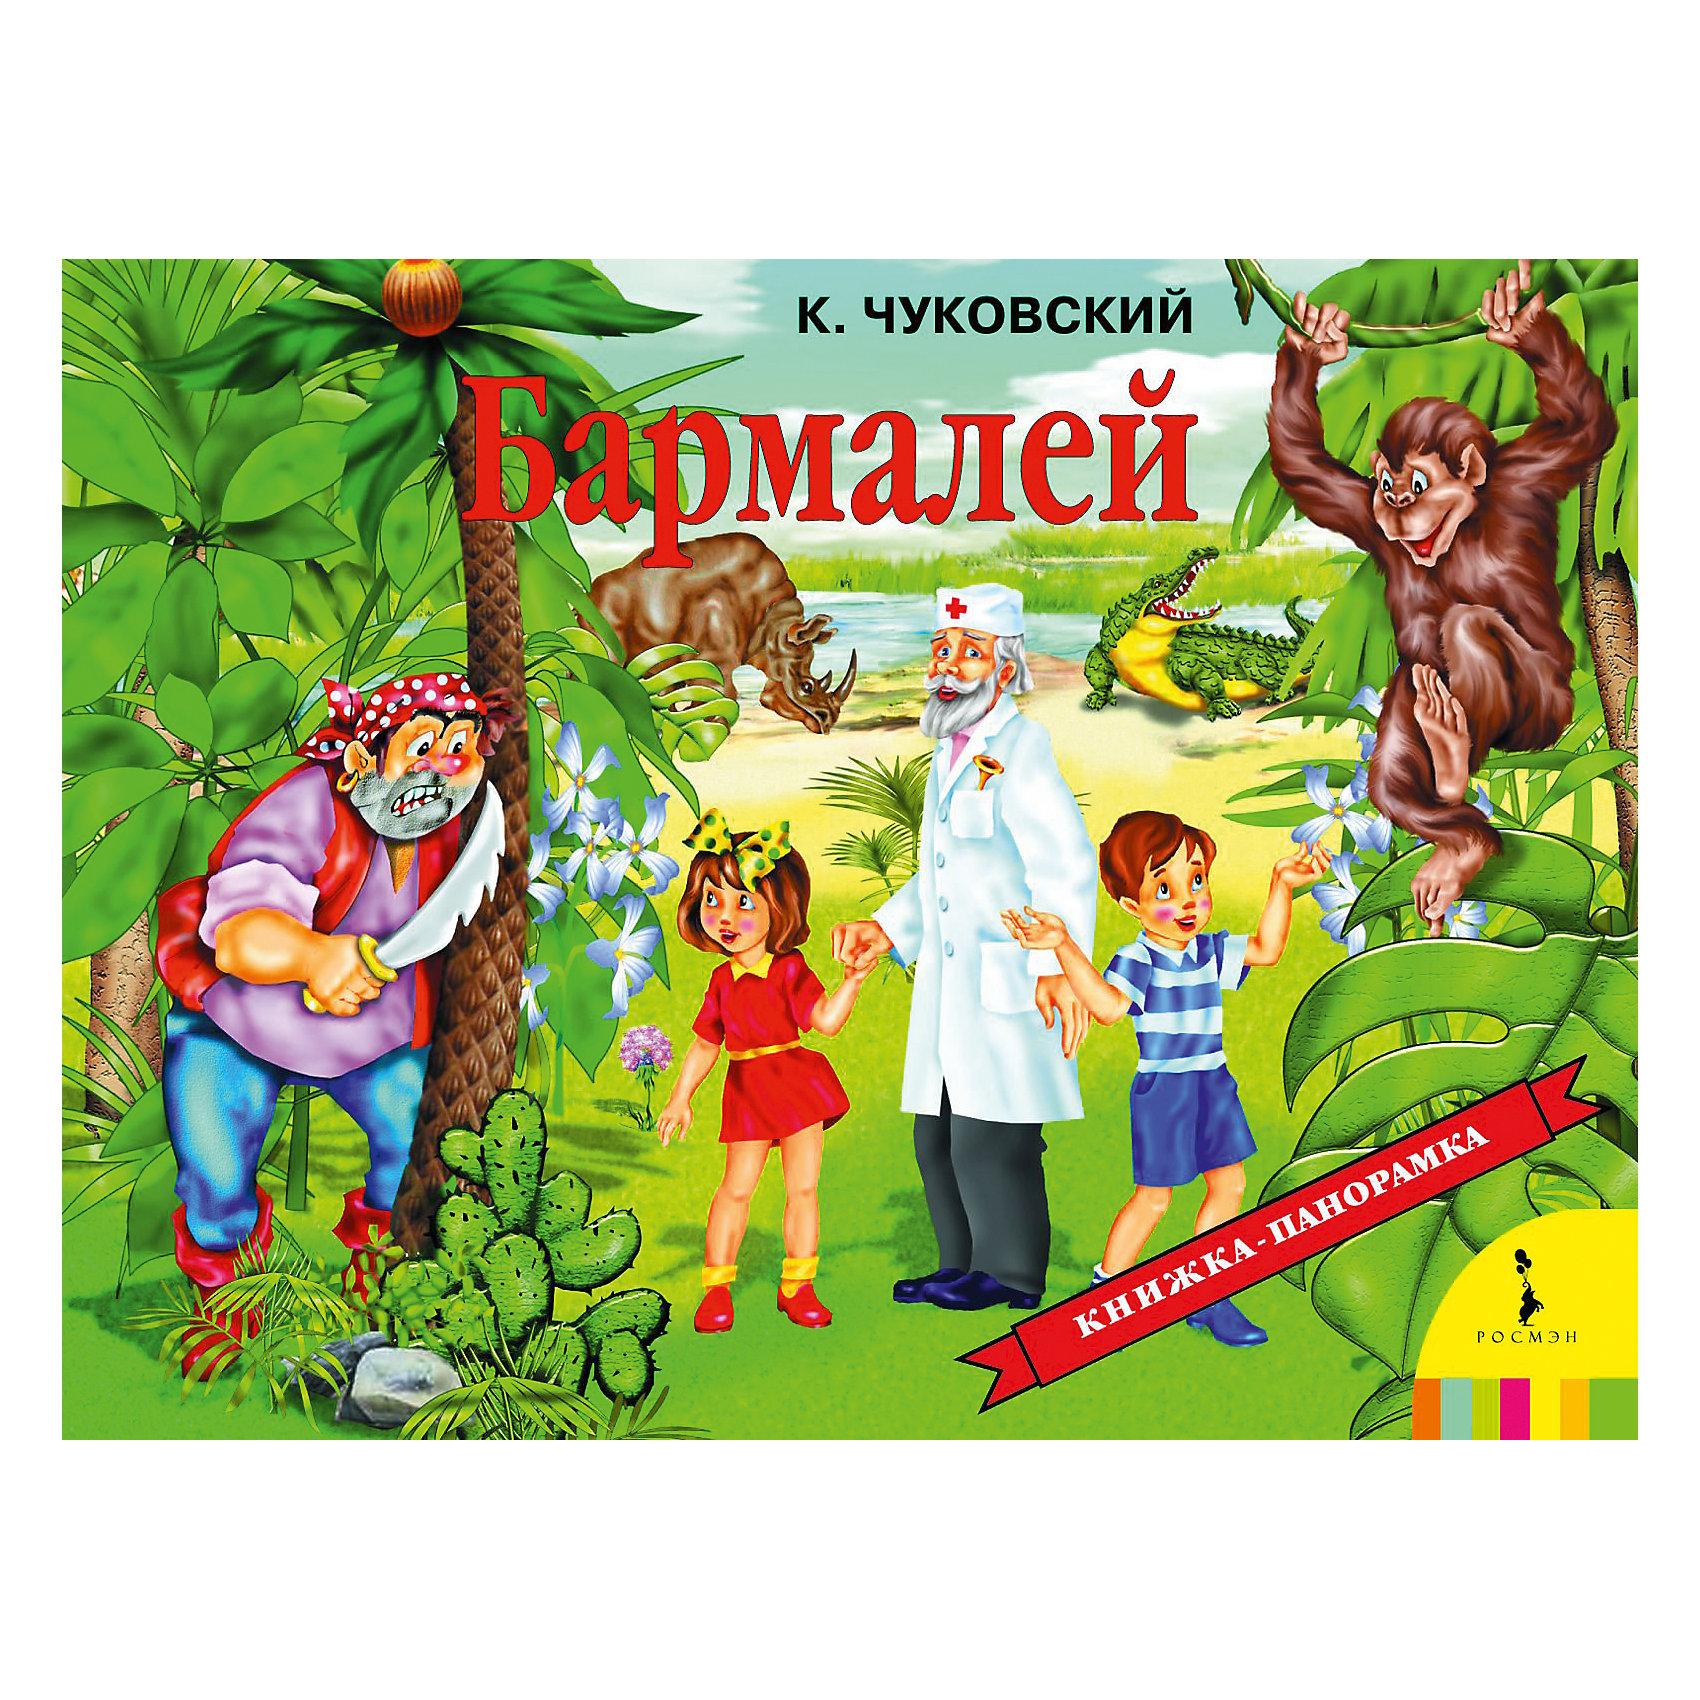 Росмэн Бармалей (панорамка) чуковский к бармалей книга панорамка